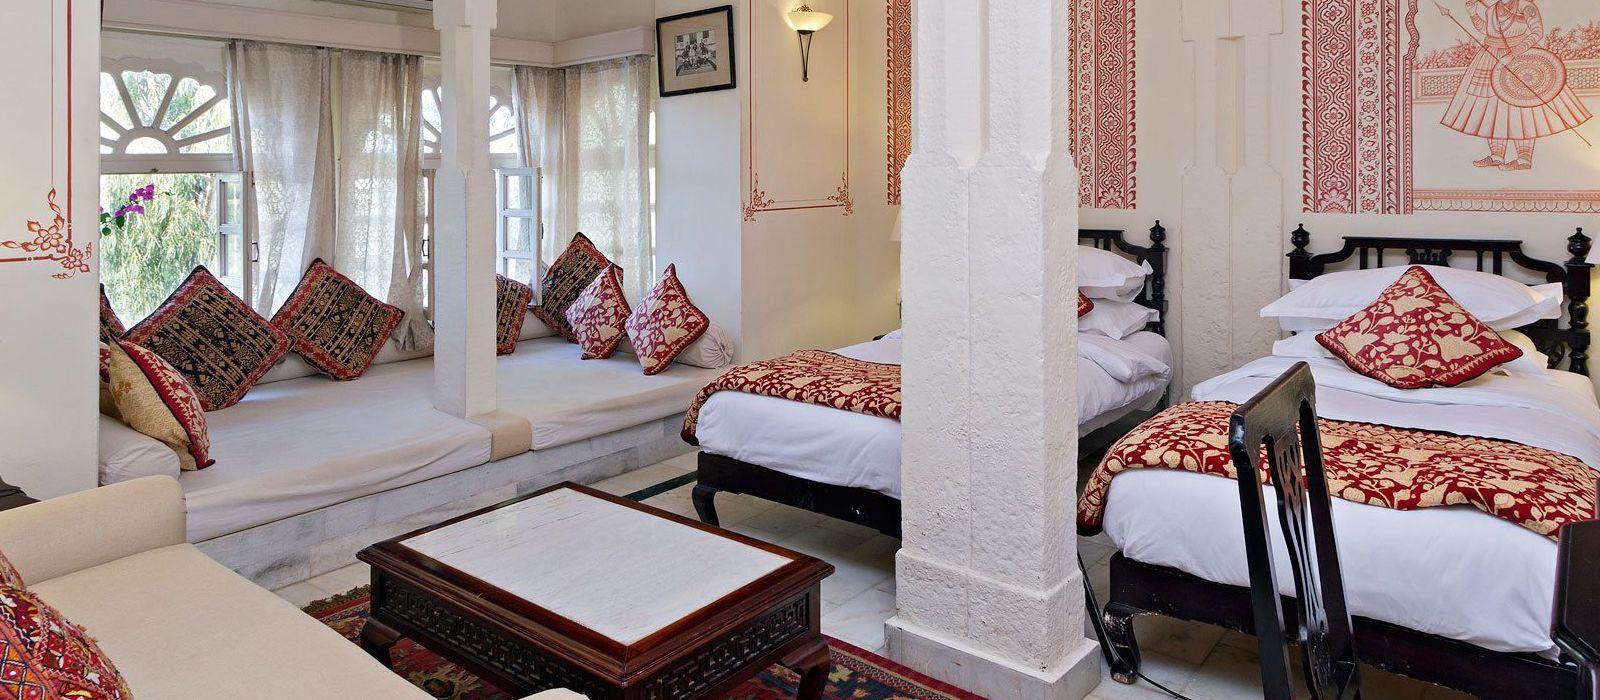 Hotel Rohet Garh North India